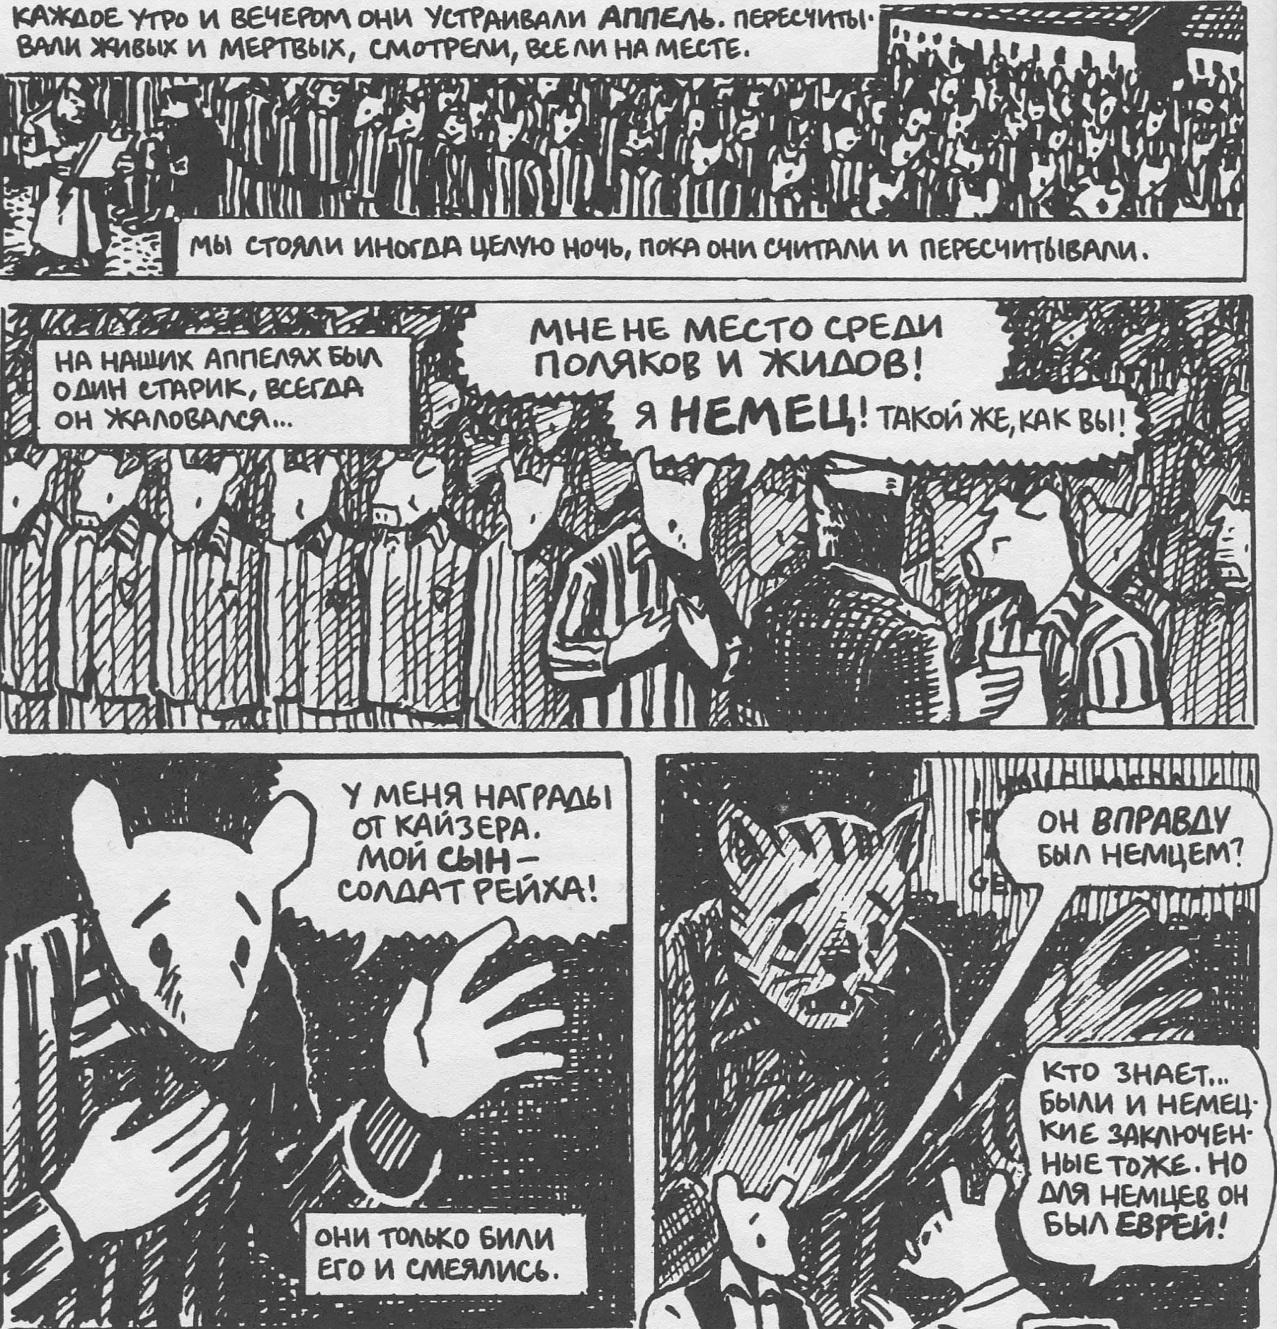 Представители разных национальностей изображены в «Маусе» в виде животных. Евреи — мыши, немцы — коты, поляки — свиньи, американцы — собаки, а французы — лягушки.